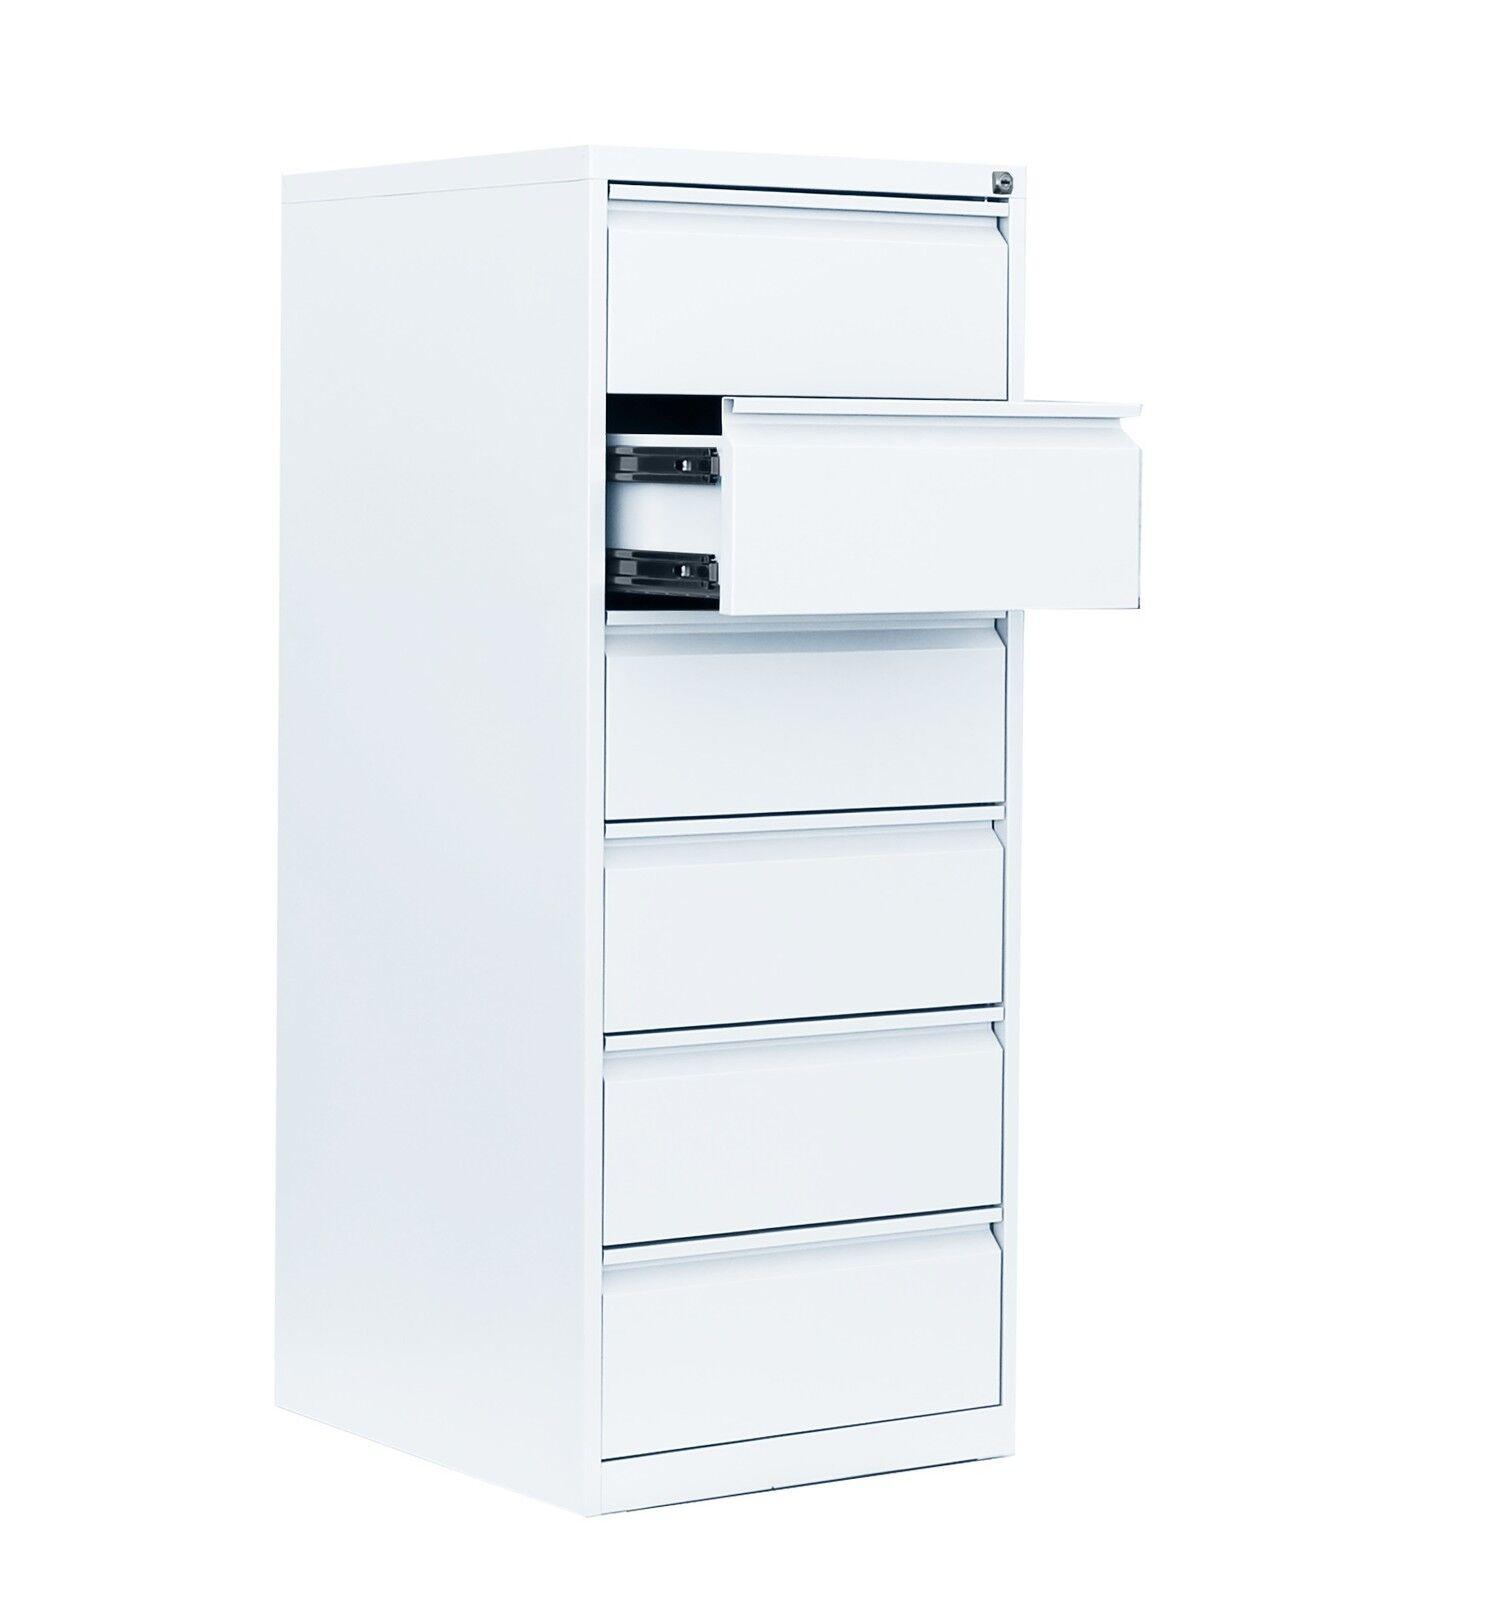 Karteischrank Karteikartenschrank Weiß DIN A5 zweibahnig 6 Schubladen 565627 | Vorzügliche Verarbeitung  | Passend In Der Farbe  | Spielen Sie das Beste